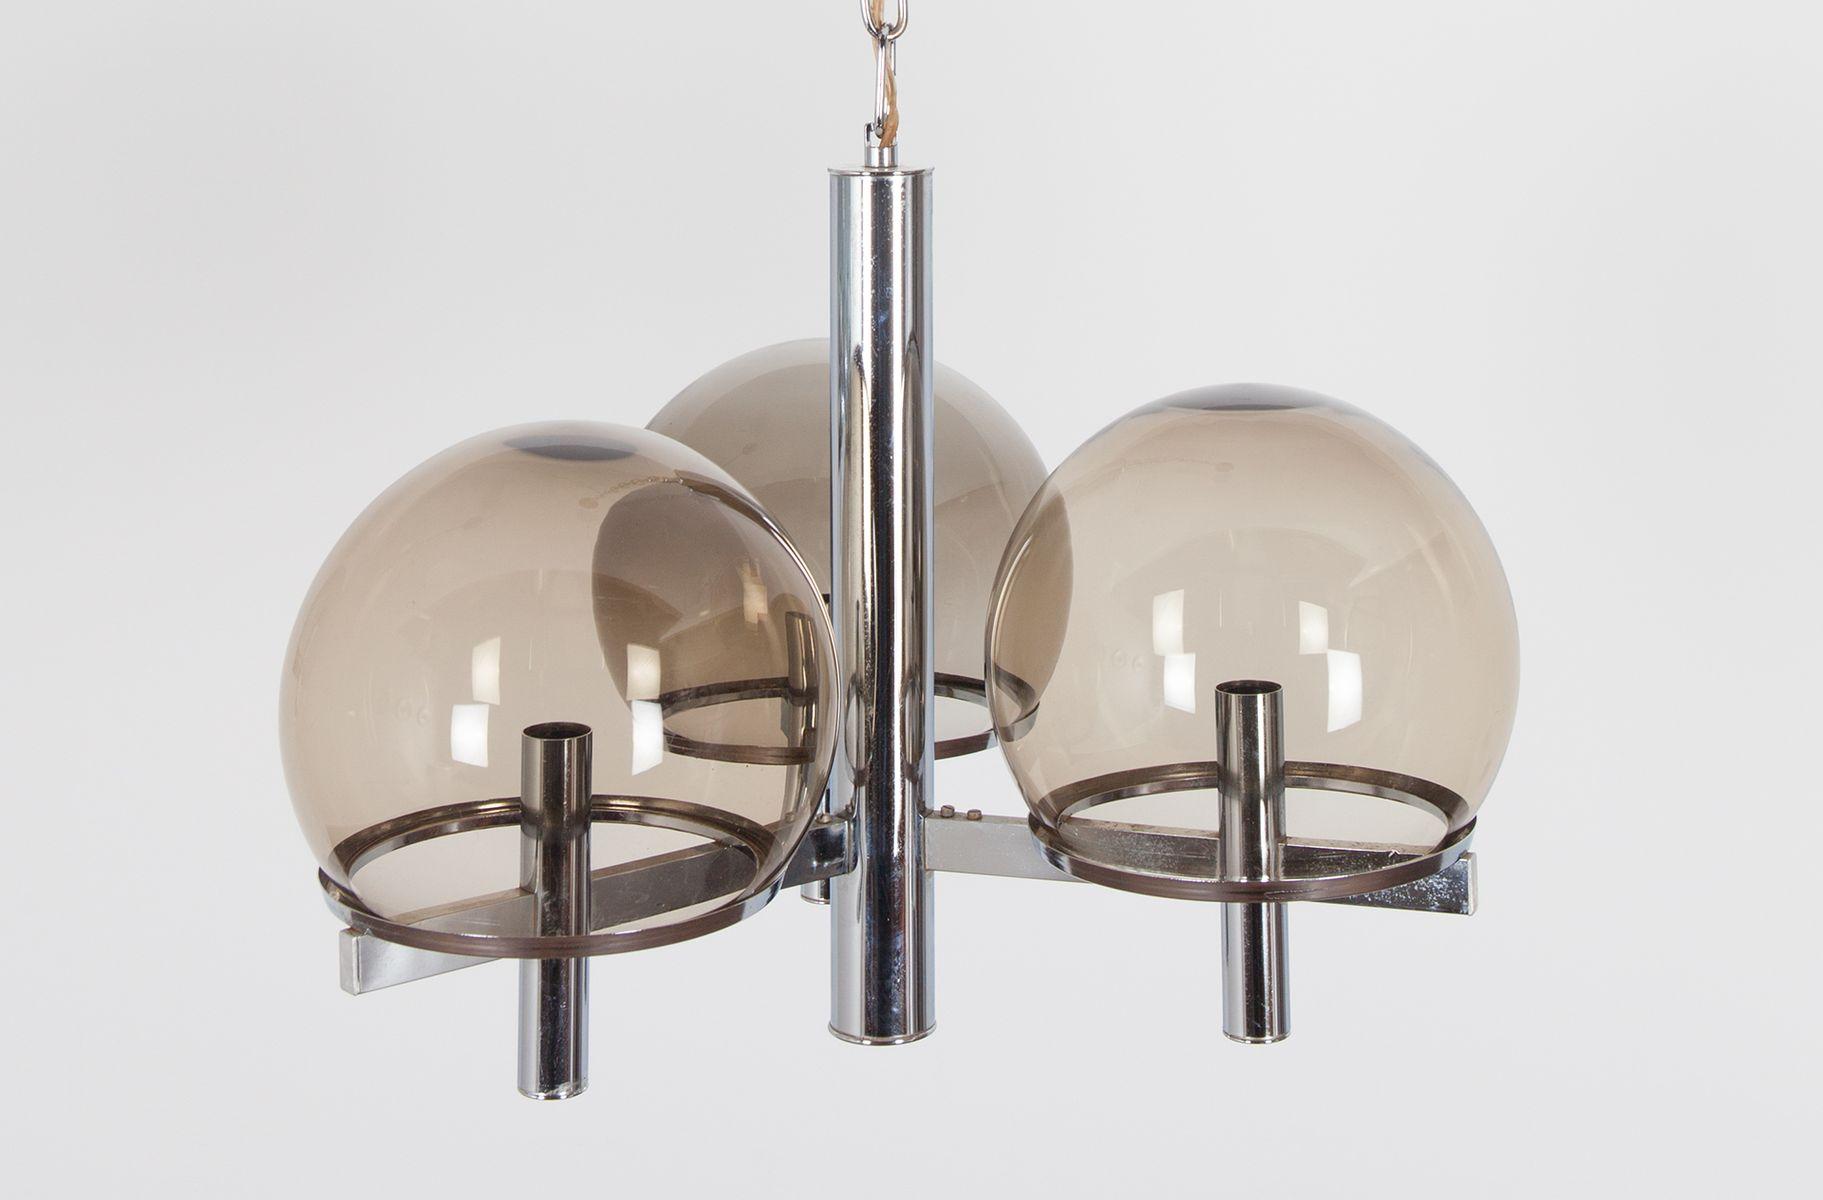 Kronleuchter Braun ~ Lightolier kronleuchter online kaufen möbel suchmaschine